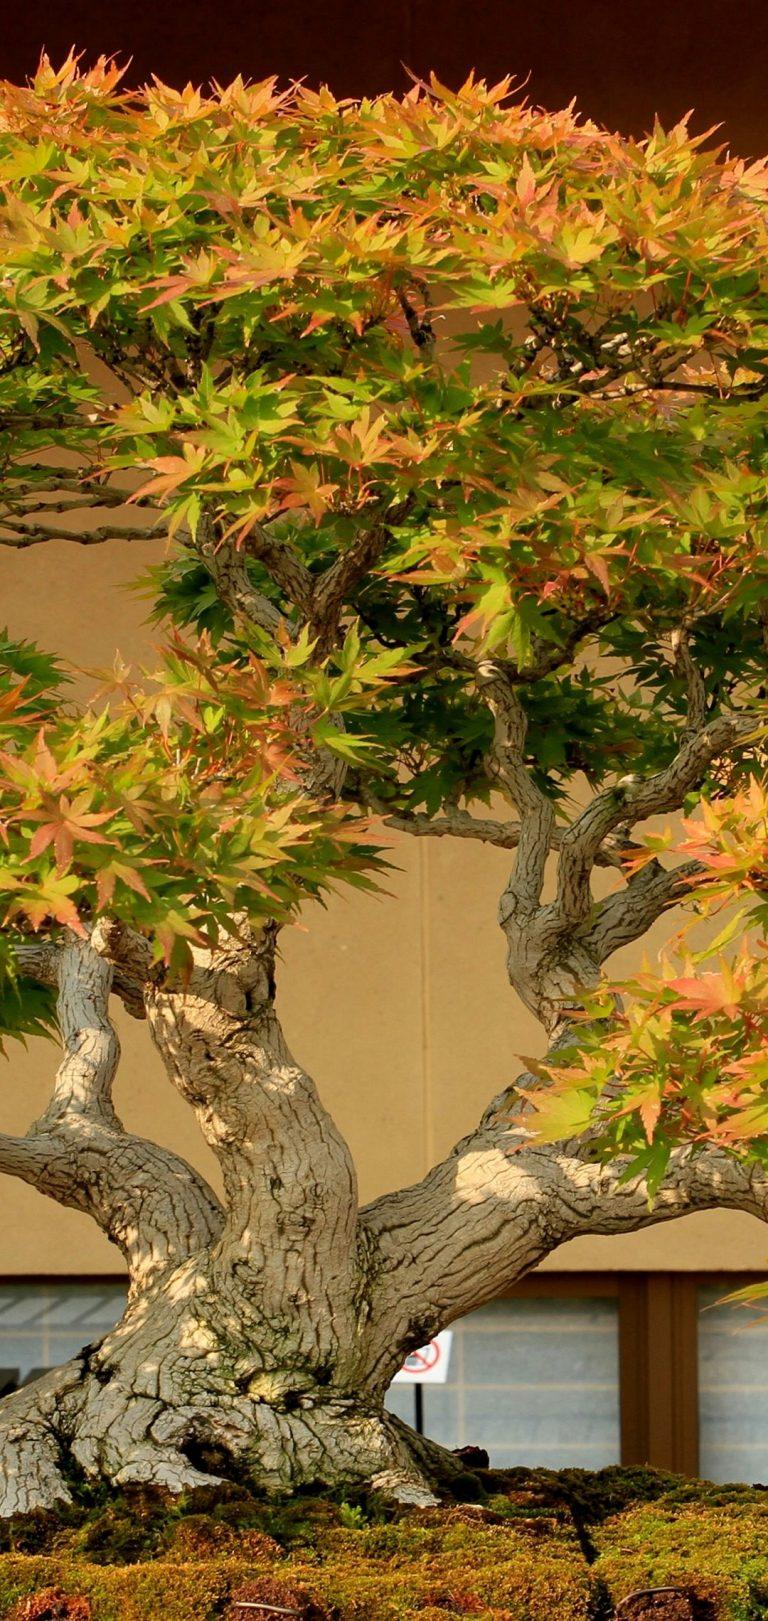 Earth Bonsai 4K Wallpaper 5184x3456 Wallpaper 1080x2280 768x1621